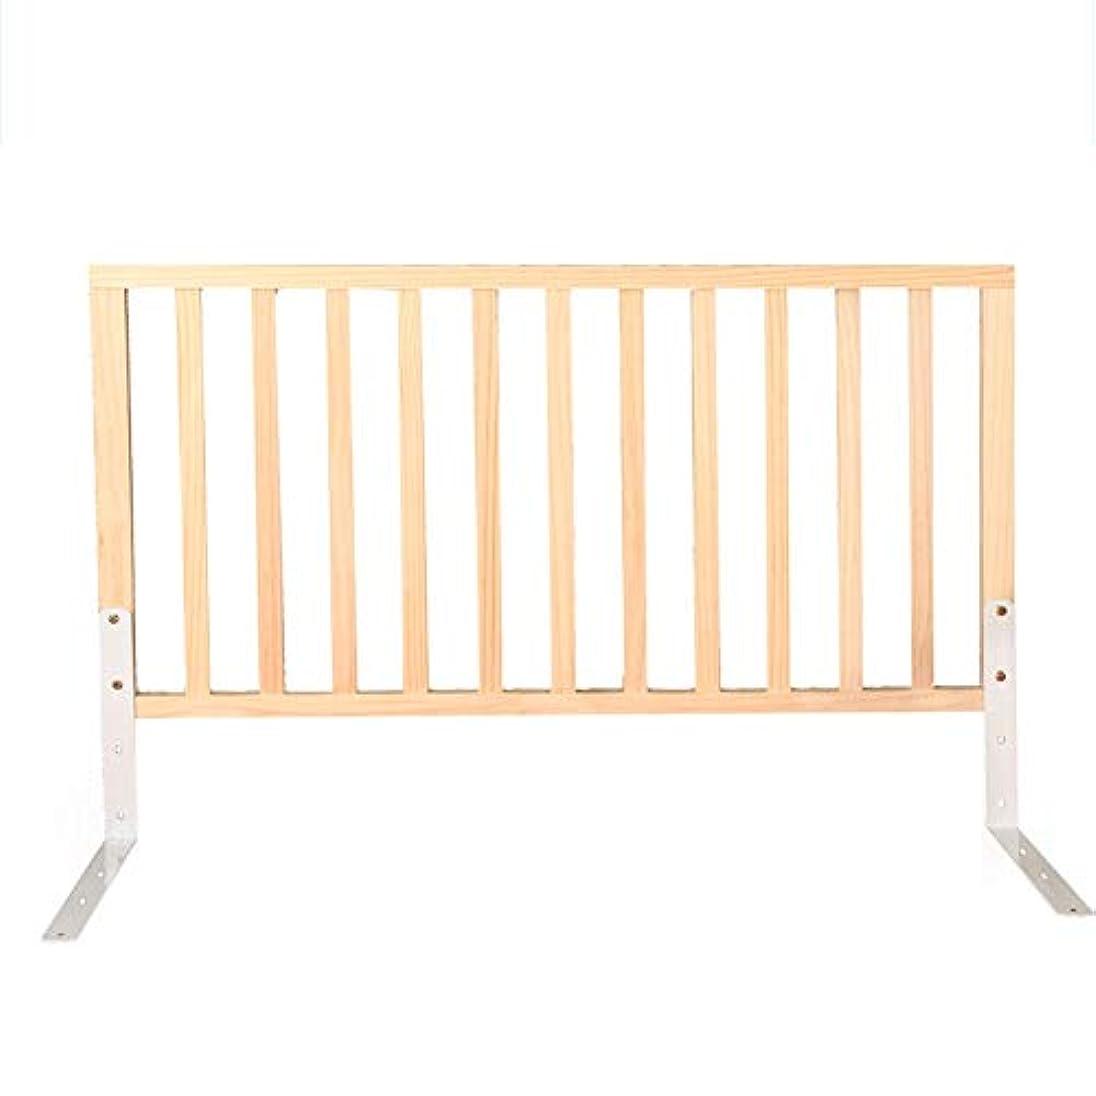 のぞき見パスポート異なるXyanzi-ガードレールフェンス 幼児のガードレール、純木のベッドの柵の監視高さ調節可能なスラット及びBoxspringのための普遍的な適合(サイズ:150cm) (色 : A, サイズ さいず : 120cm)